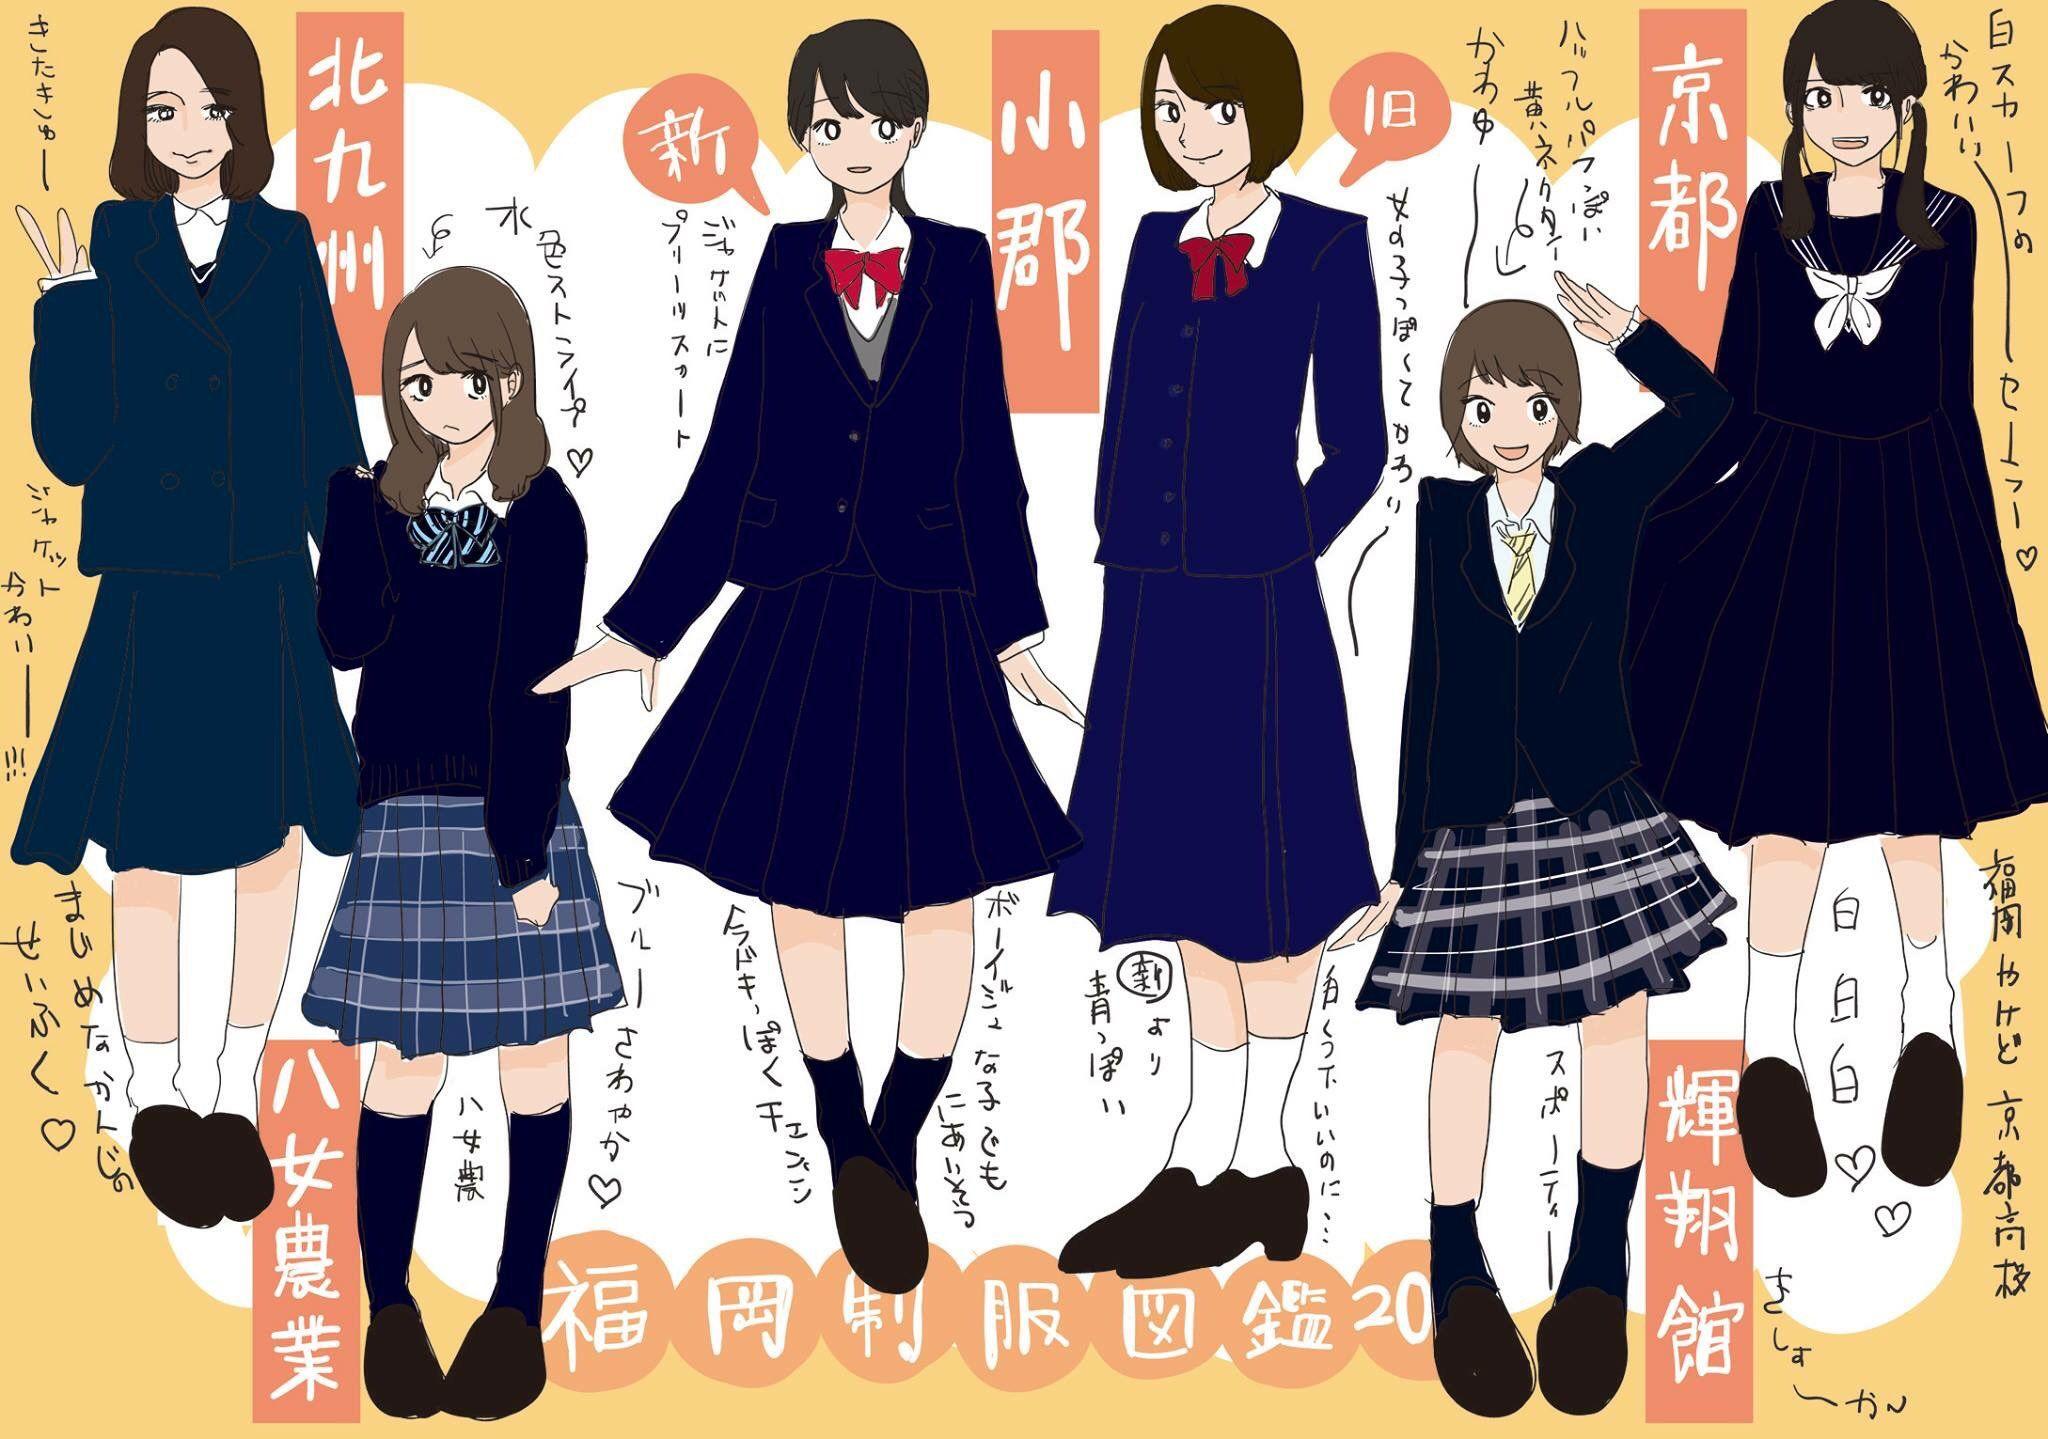 高校 値 飯塚 偏差